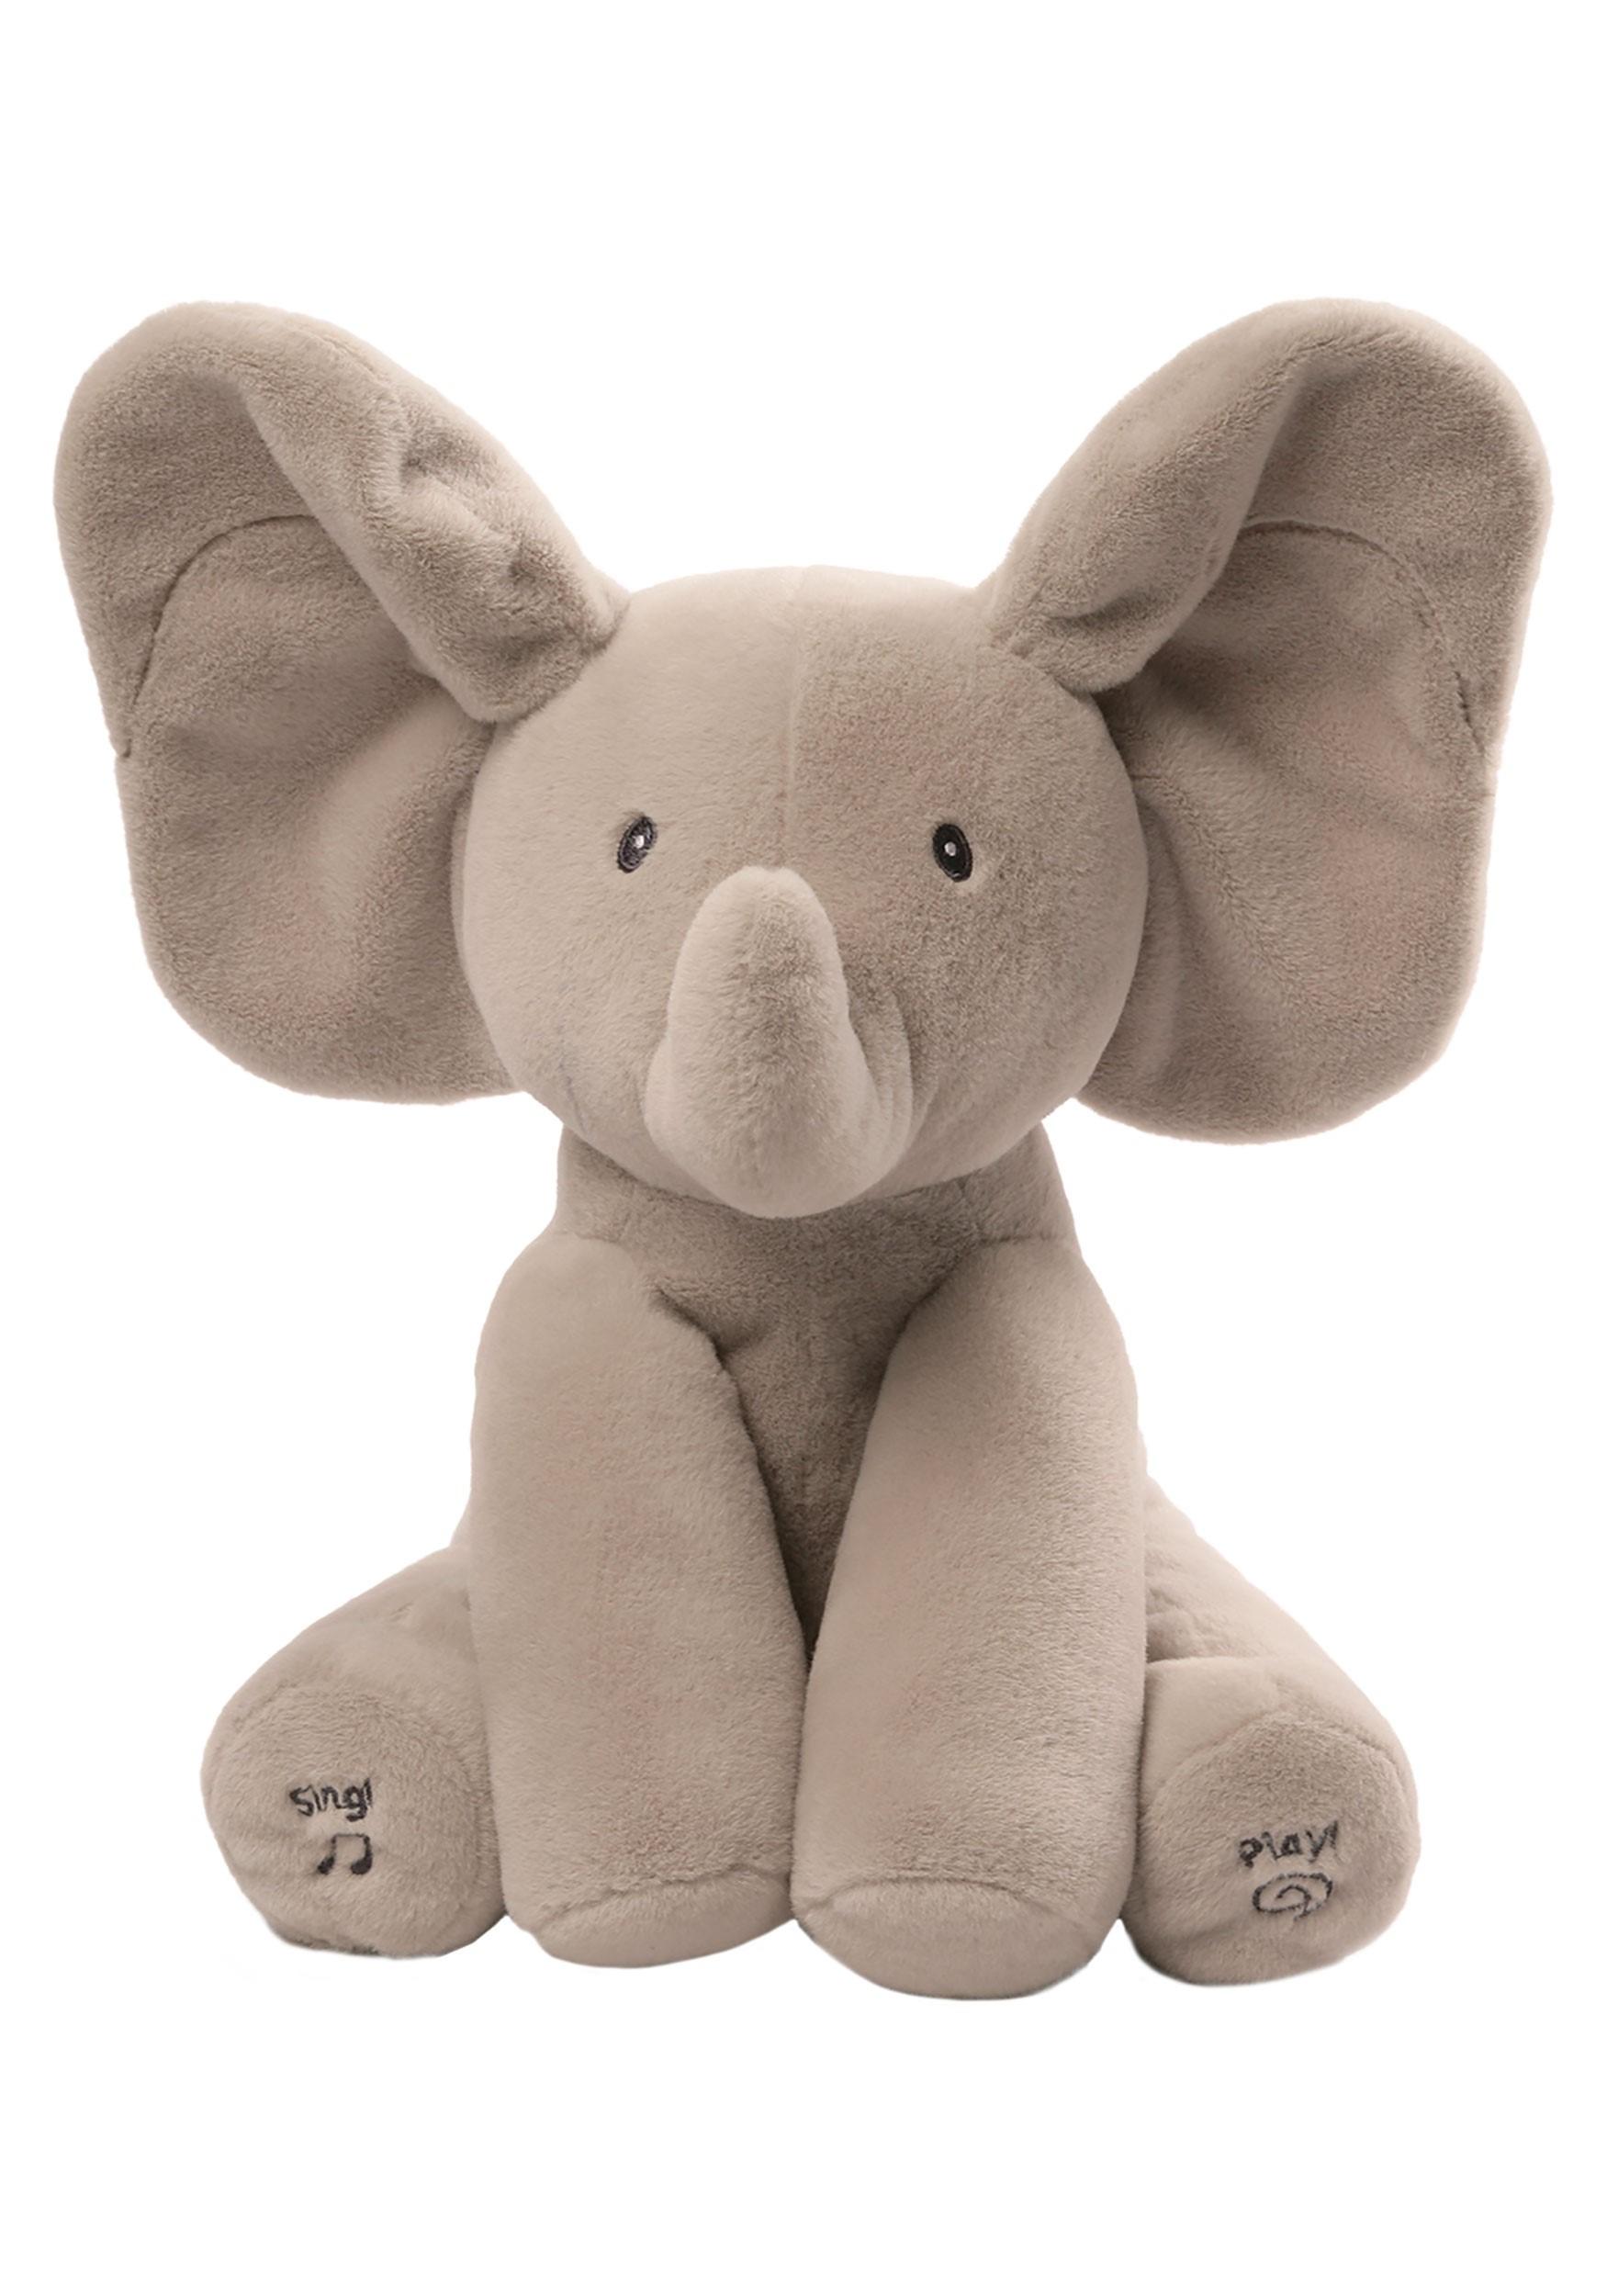 Stuffed Flappy the Elephant